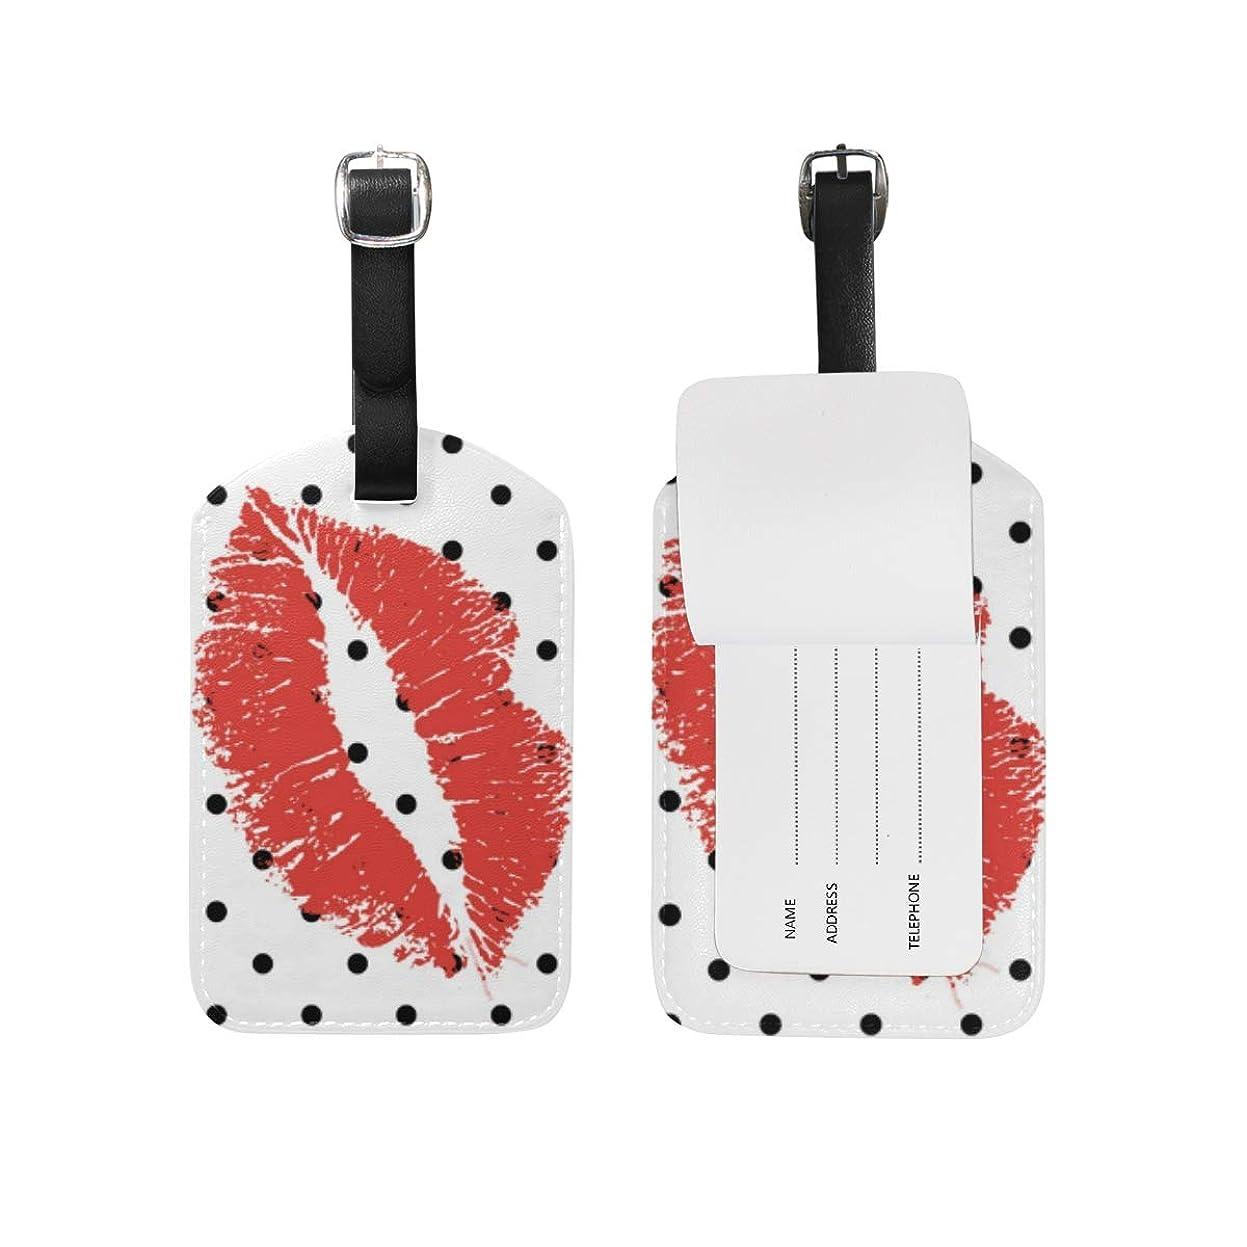 松おばさんアジアブラックホワイトポルカドットリップス レザー 荷物 タグ トラベル カード バッグ ID ラベル (2個)